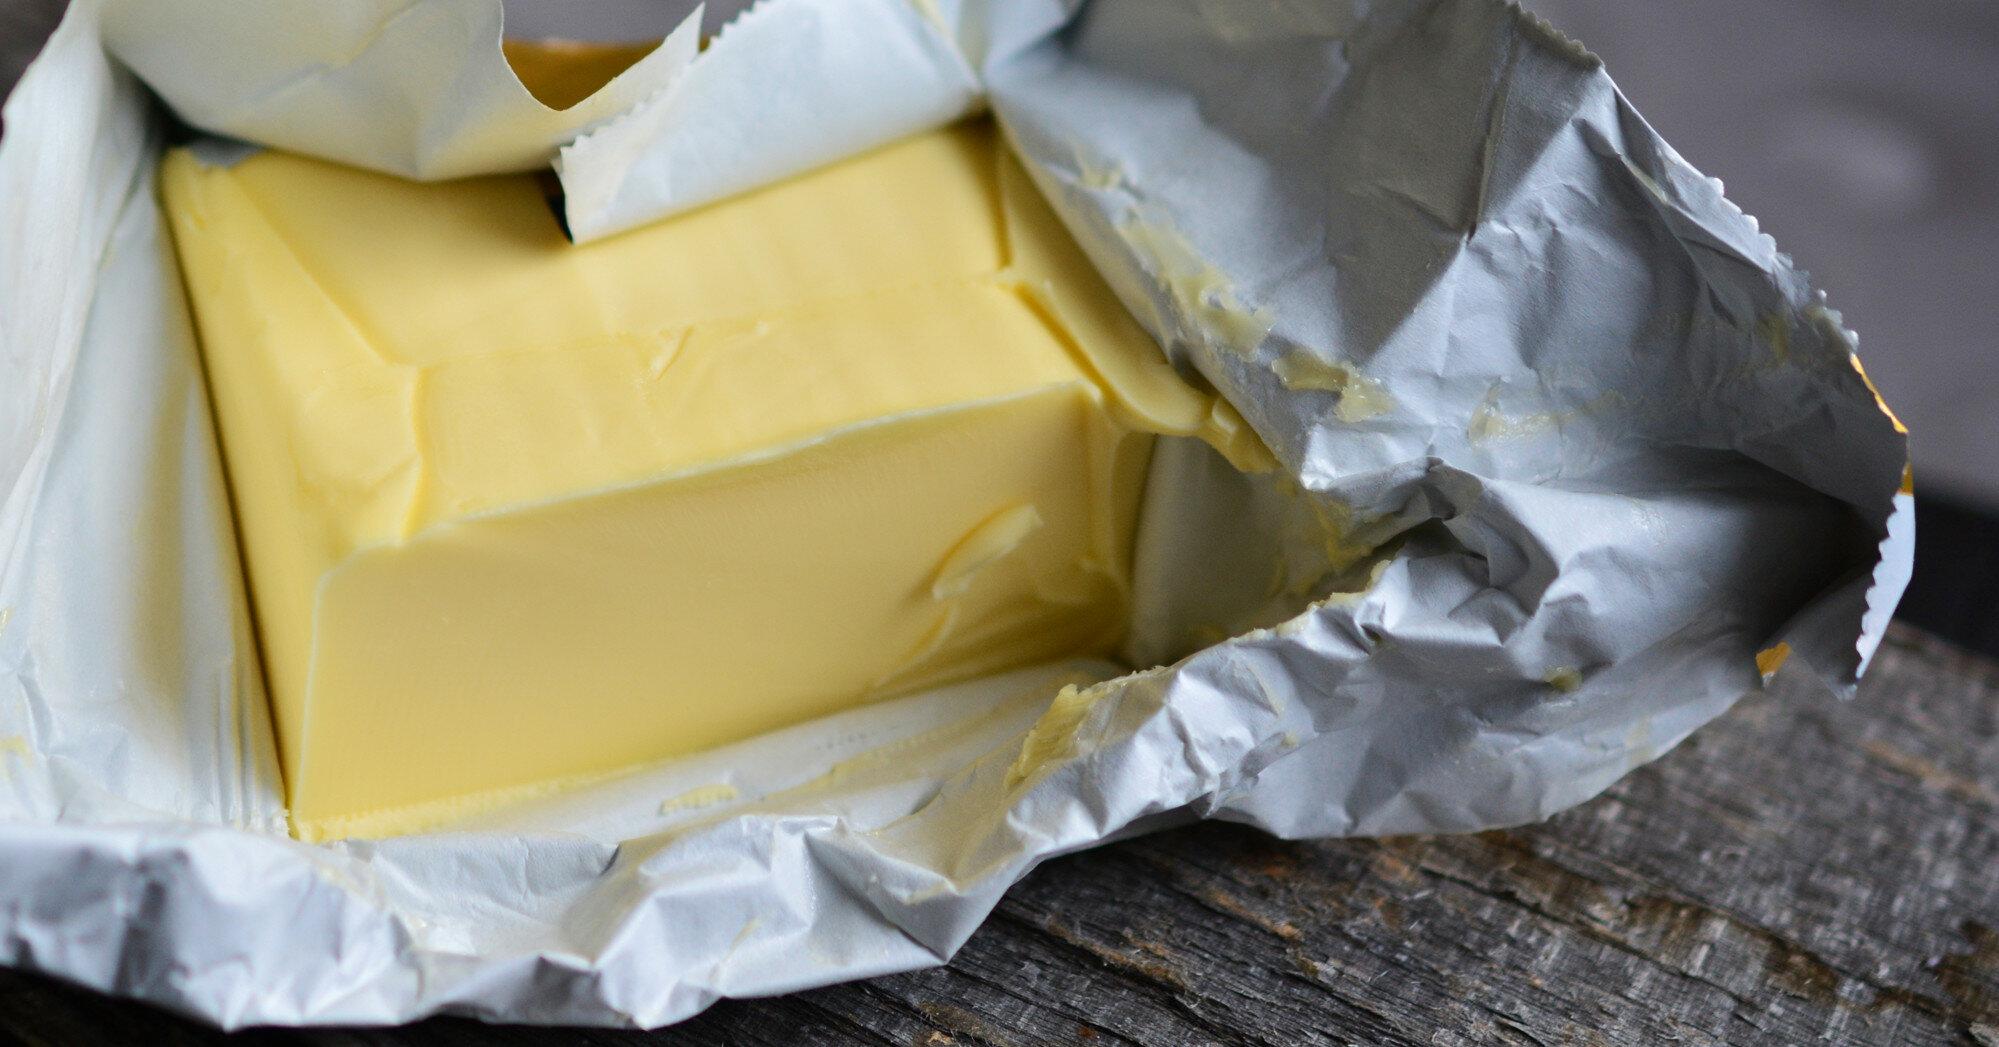 Импорт сливочного масла в Украину вырастет